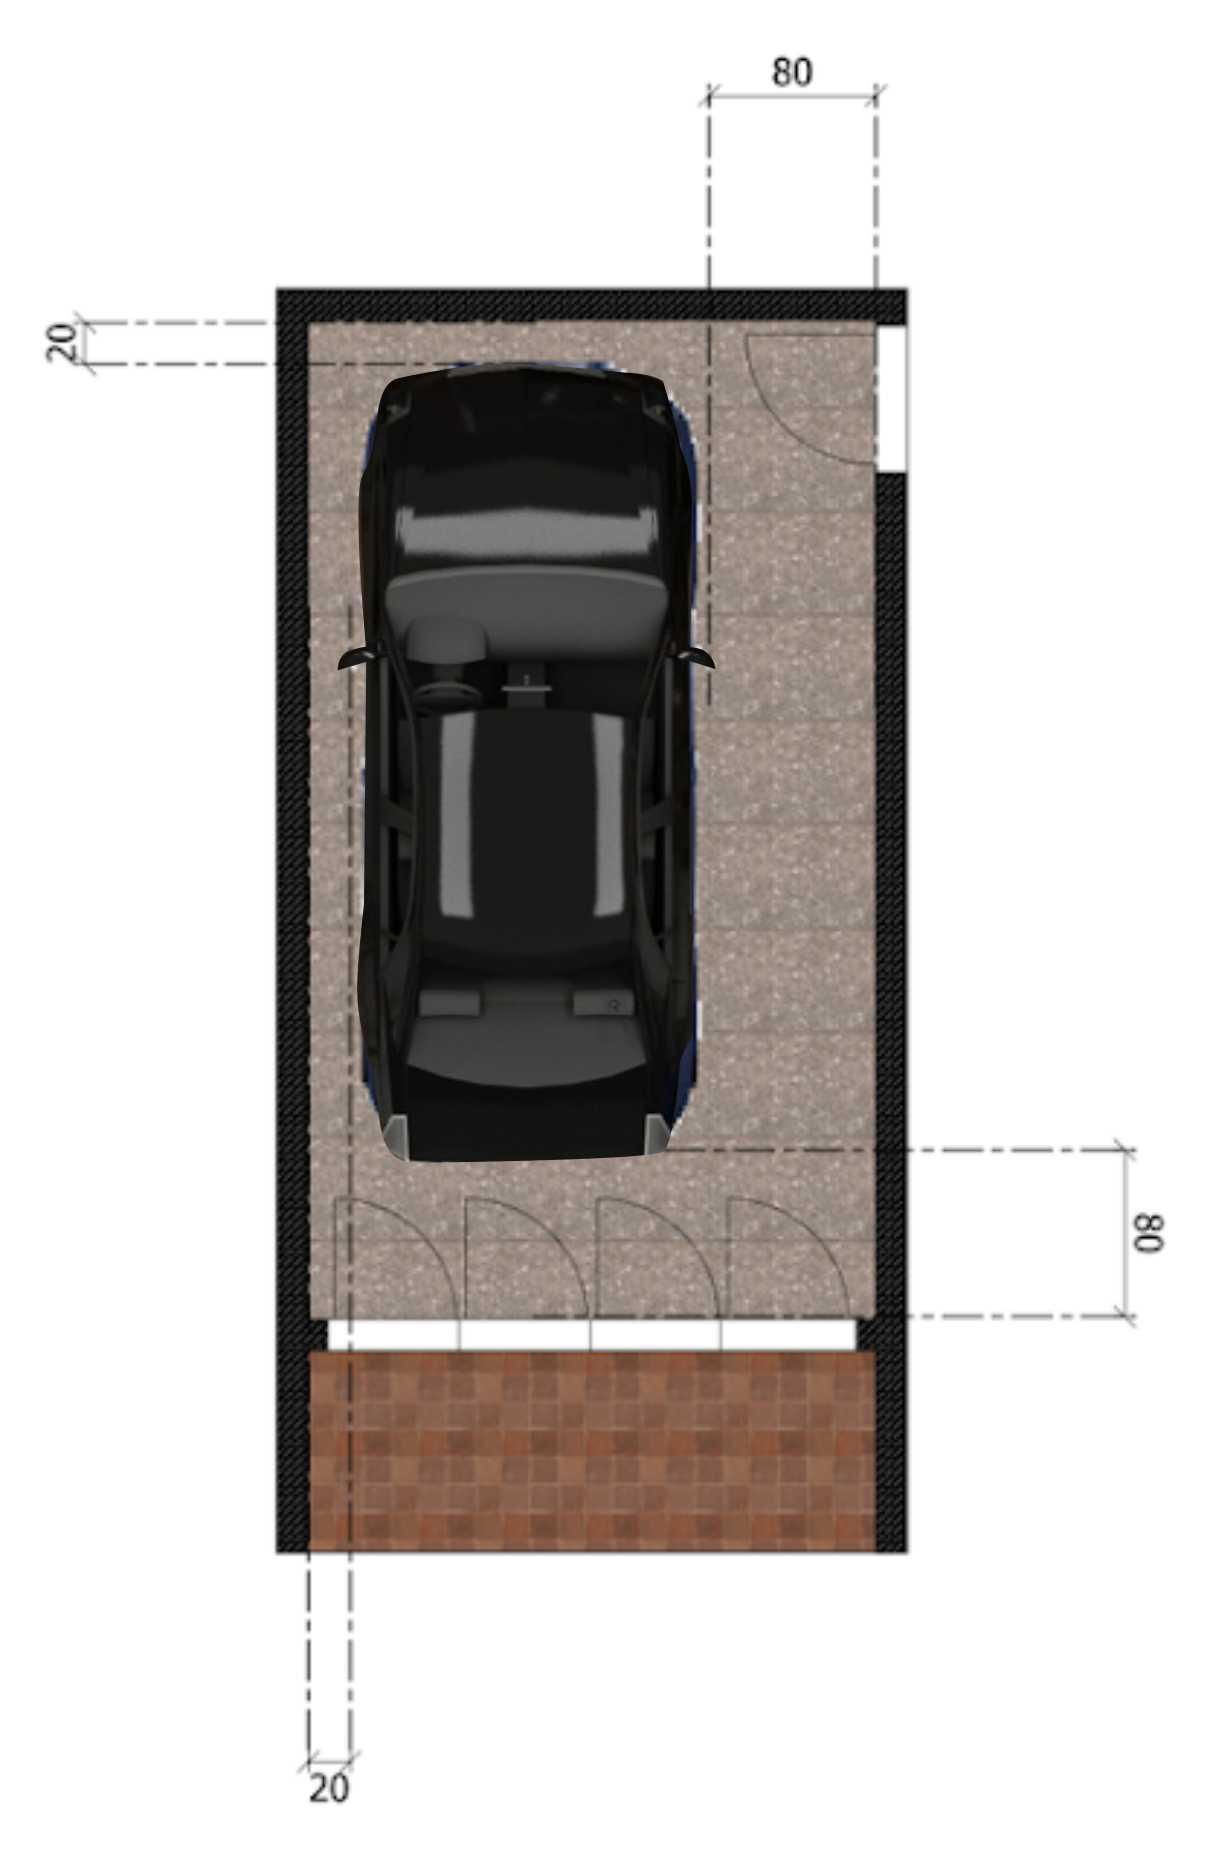 Dimensi Ukuran garasi Mobil.jpg2